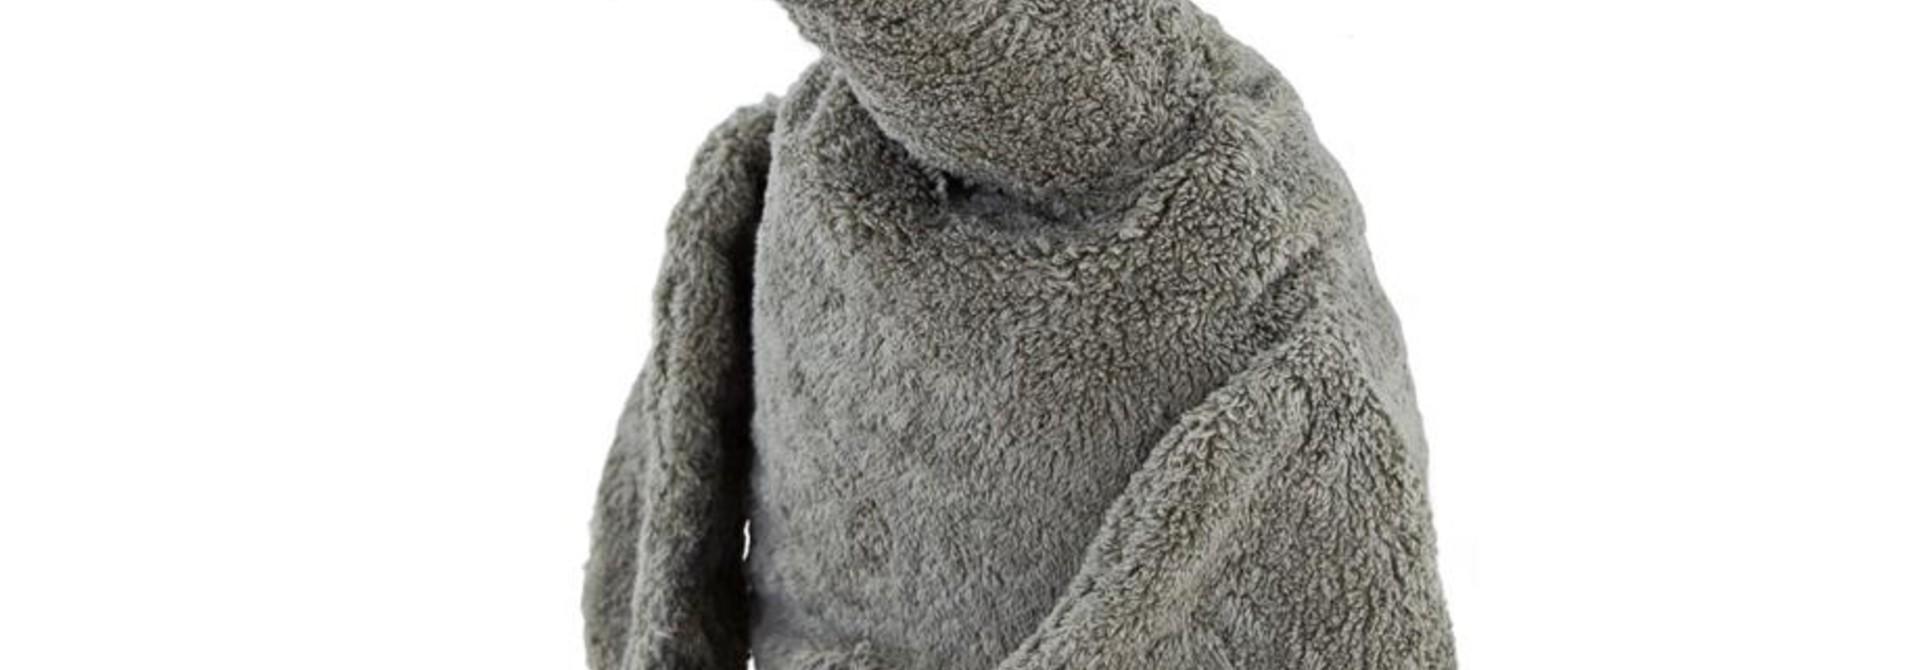 Cuddly animal Grey Goose large